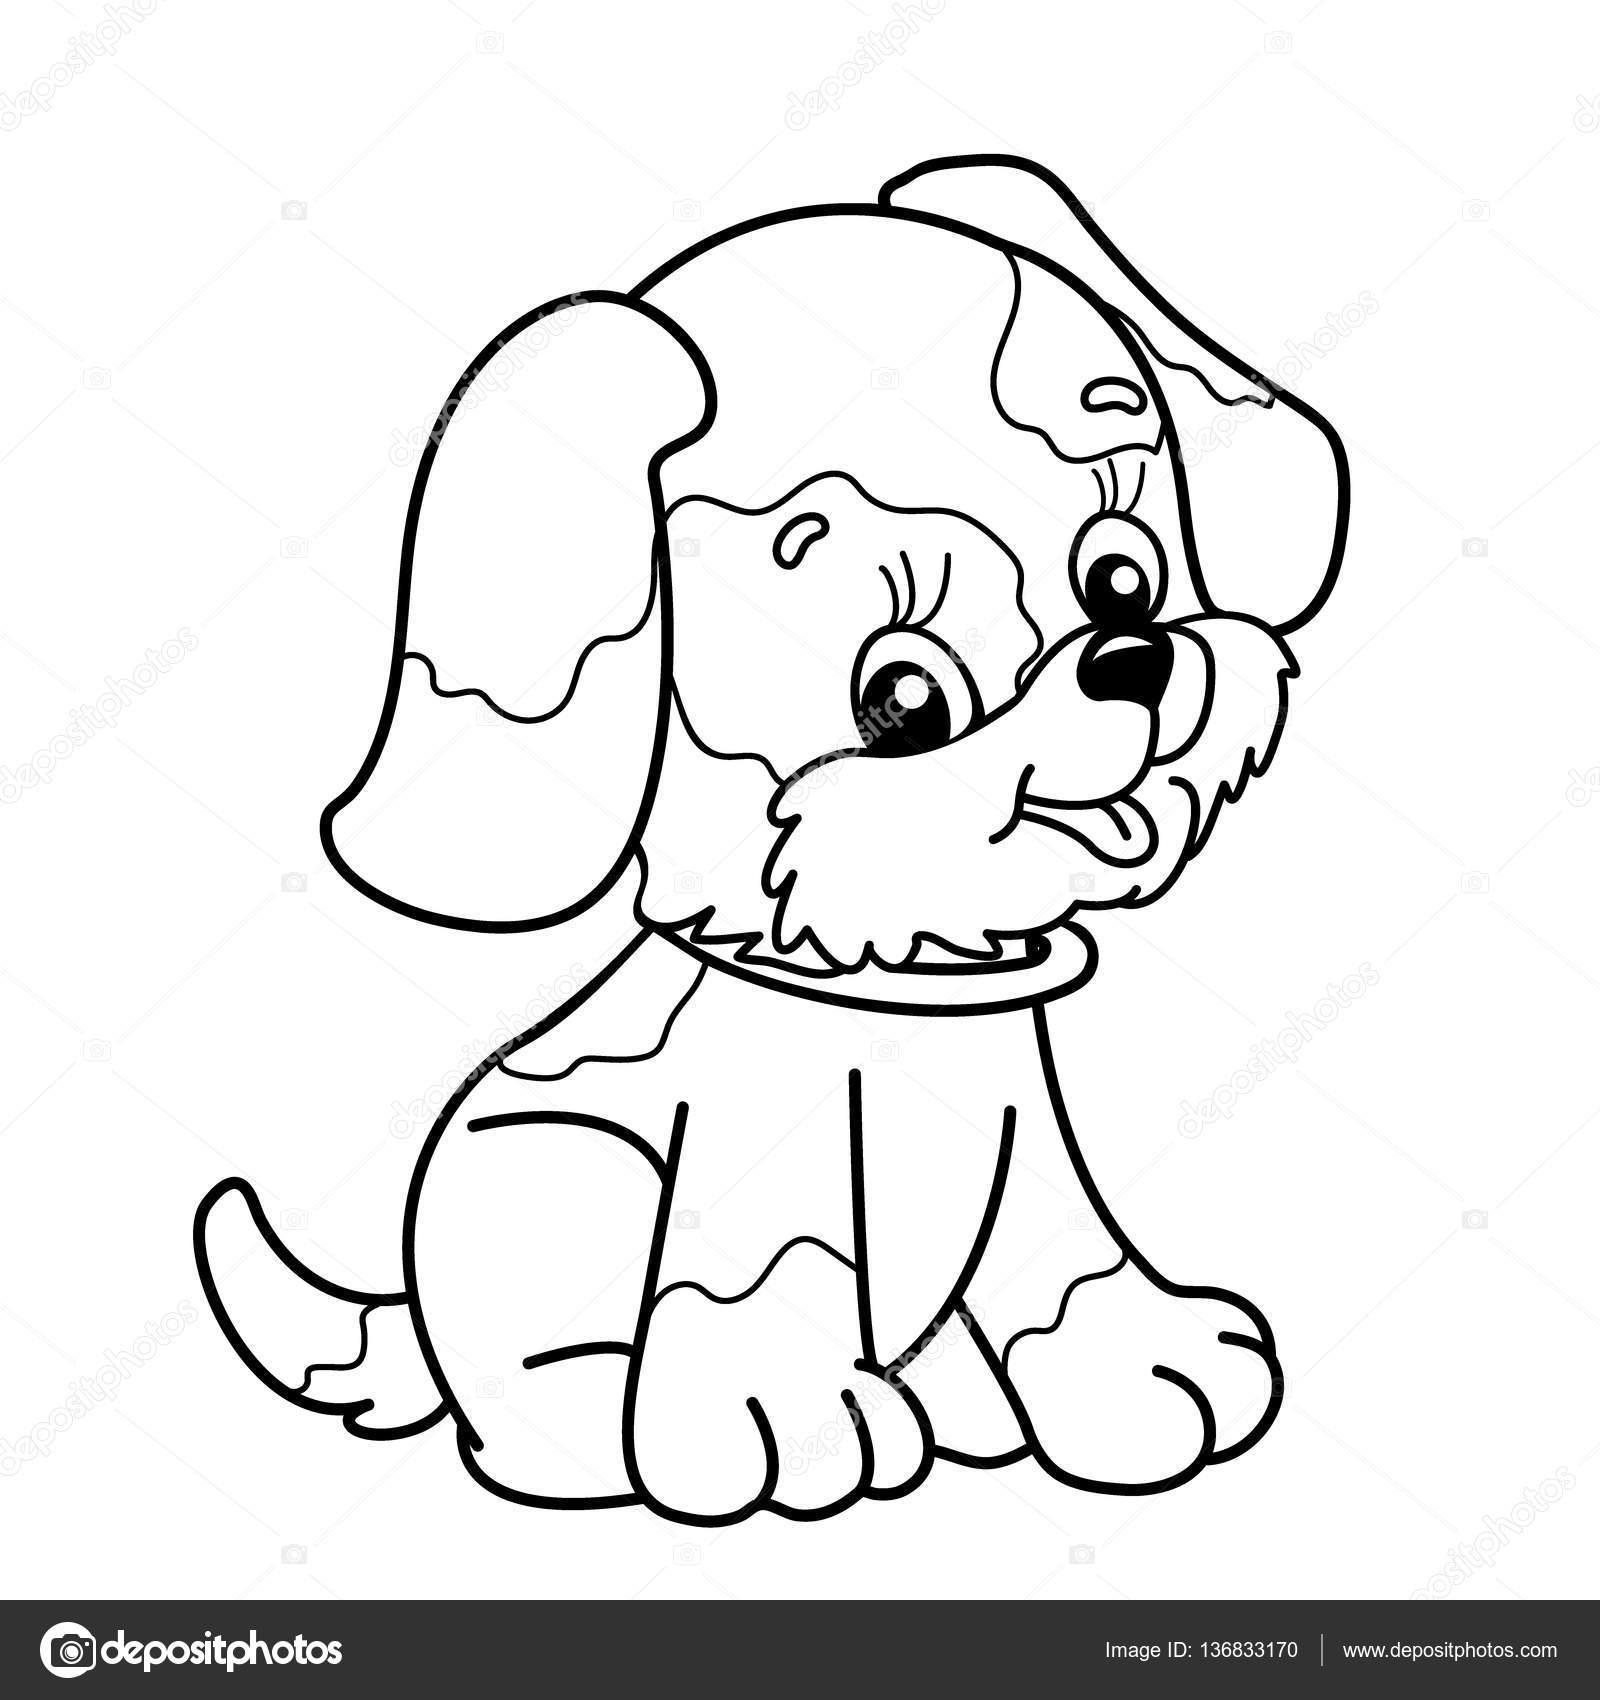 Colorear el contorno de la página del perro de dibujos animados ...